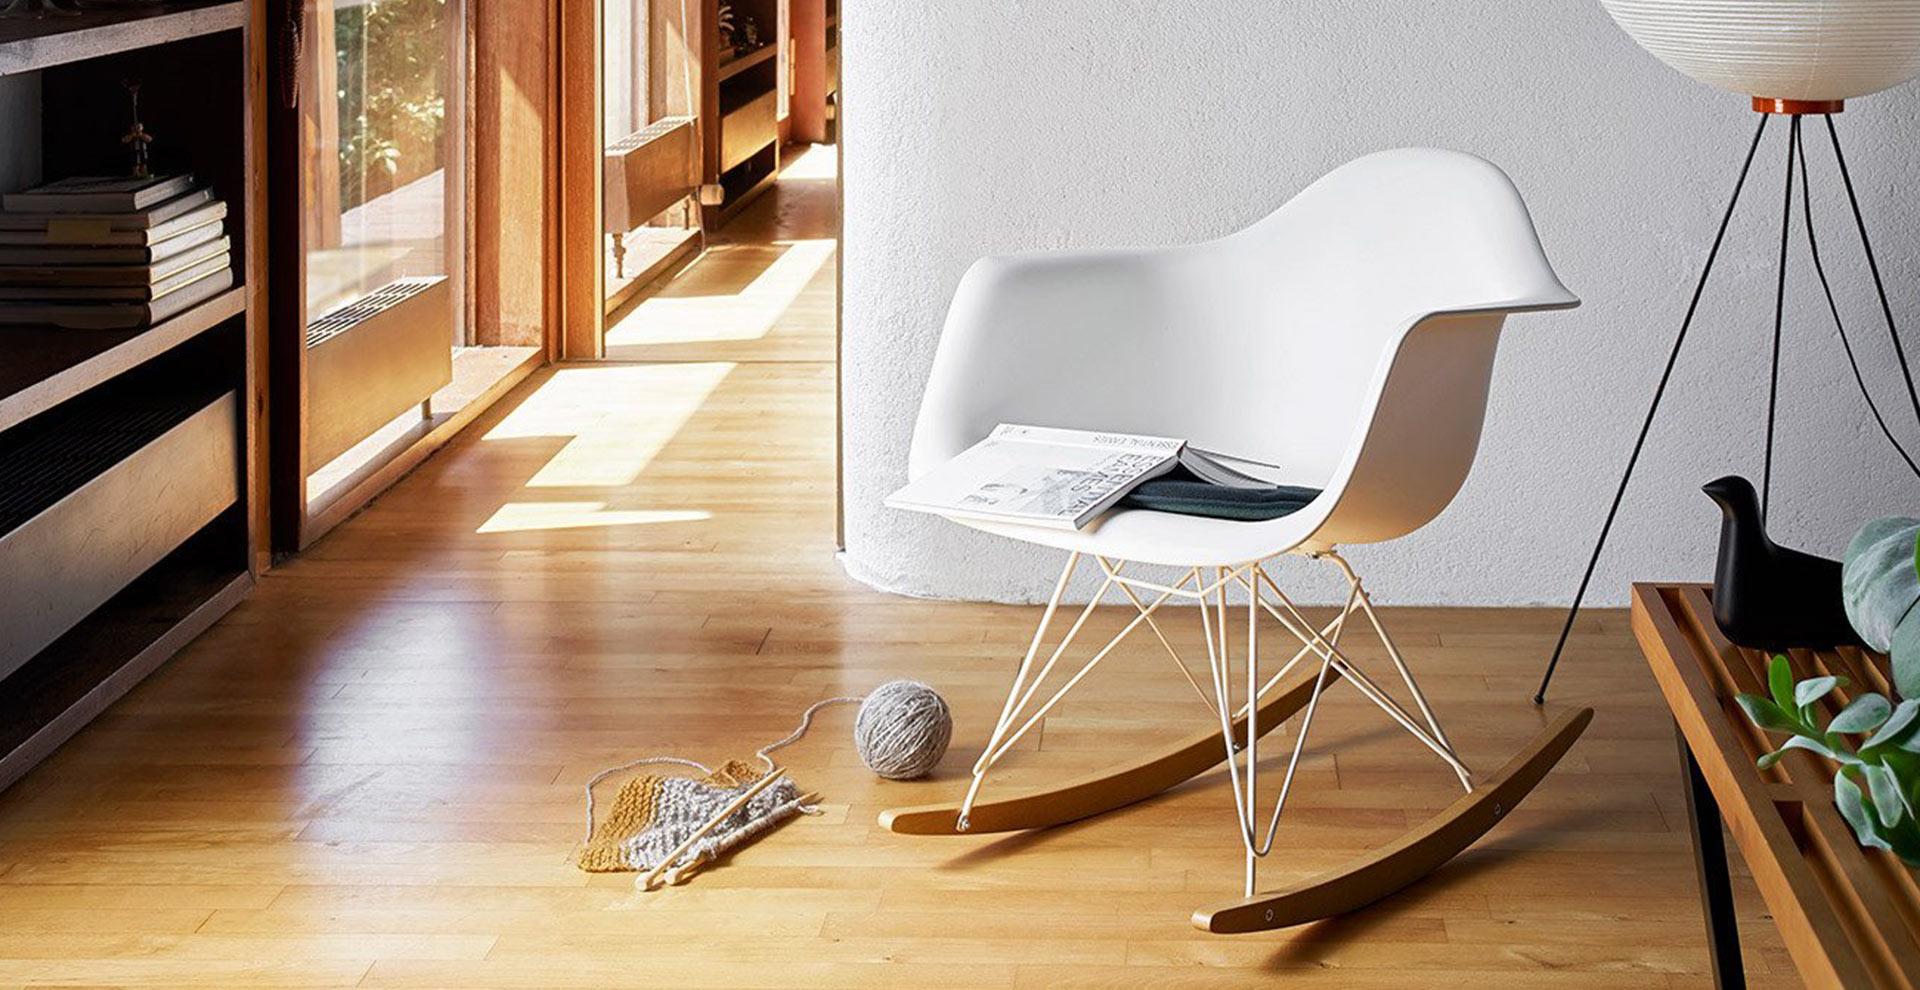 Sedia A Dondolo Rar Eames : Eames plastic armchair rar vitra poltroncina eames plastic